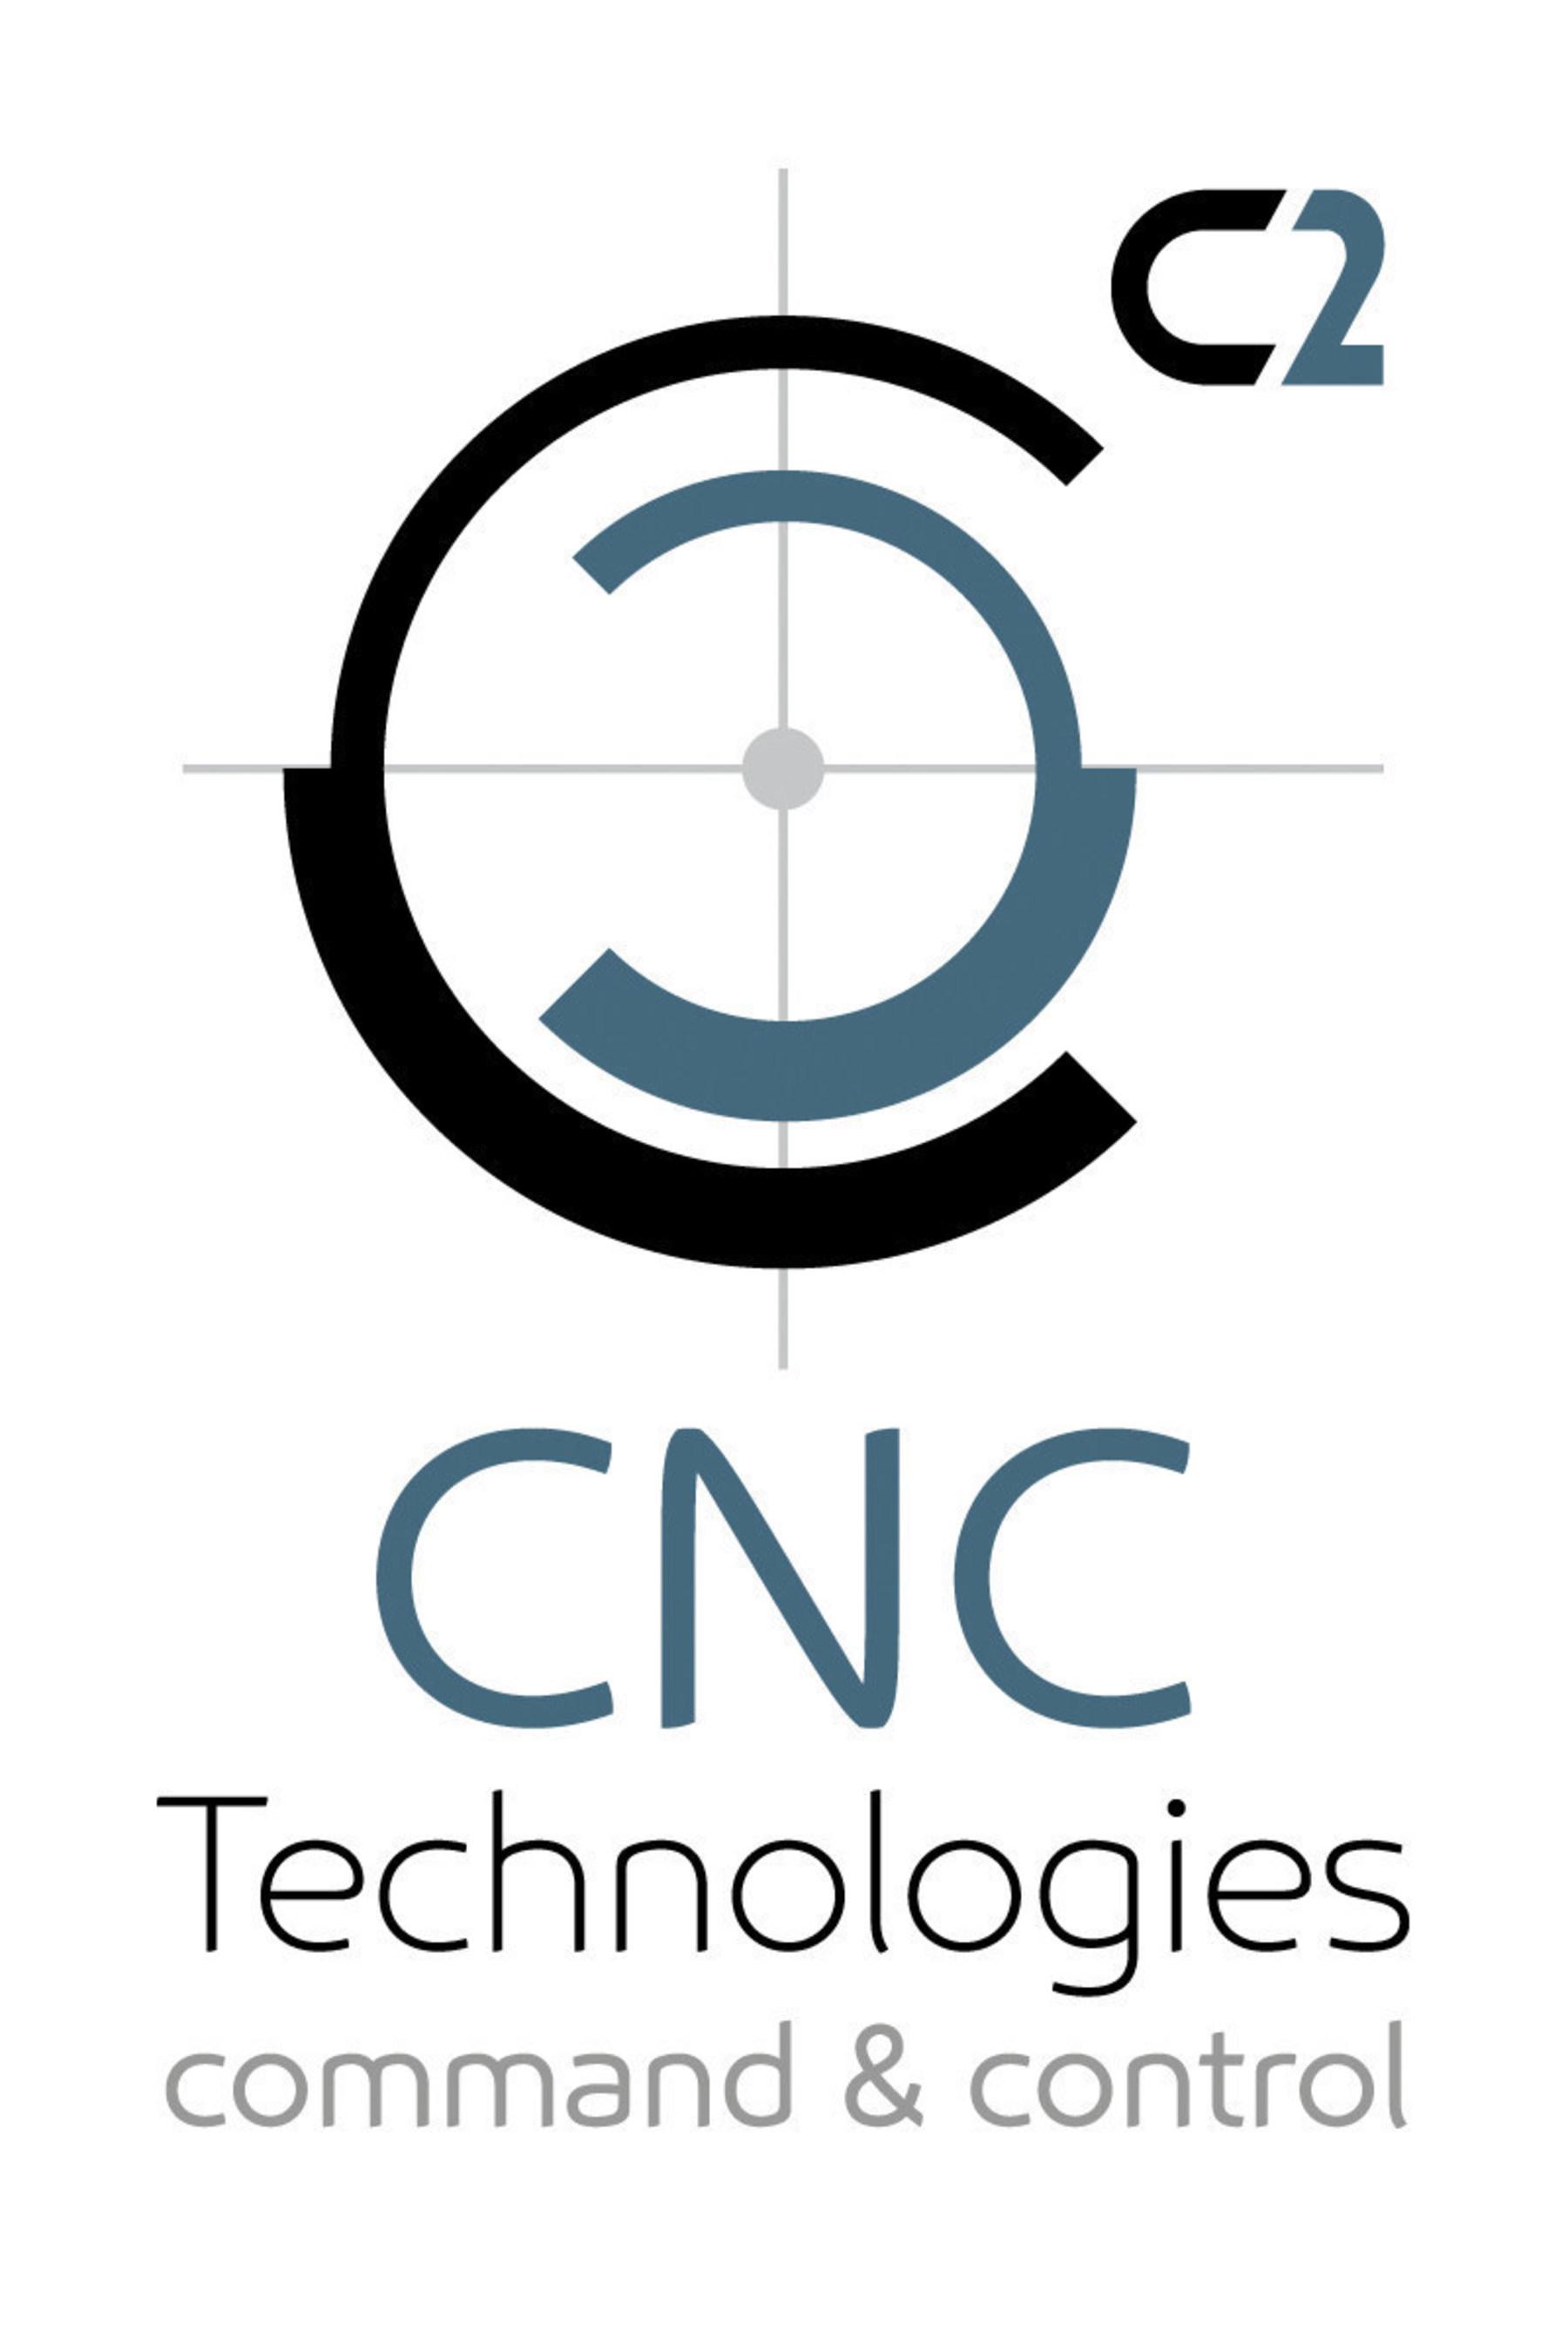 CNC Technologies, das neue Unternehmen für Luftfahrtechnologie und Drahtlos-Kommunikation zur